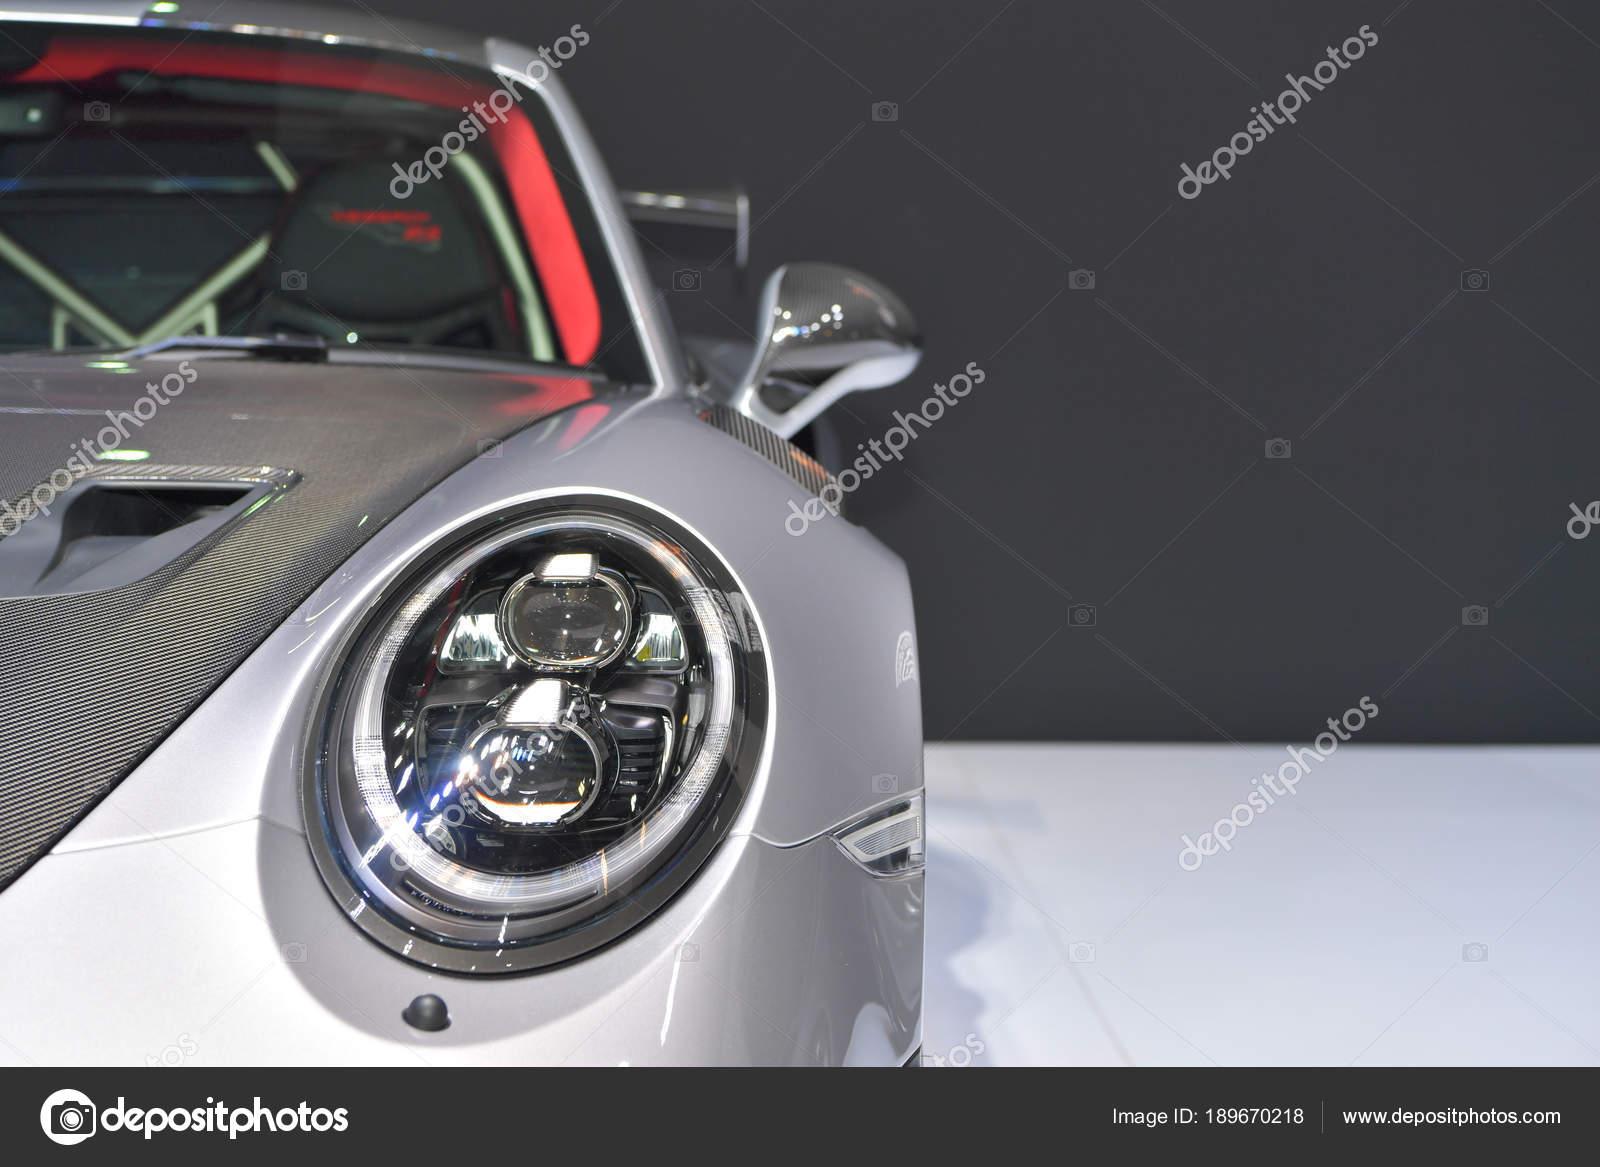 ポルシェ 911 gt2 rs 車 ストック編集用写真 chatchai 189670218